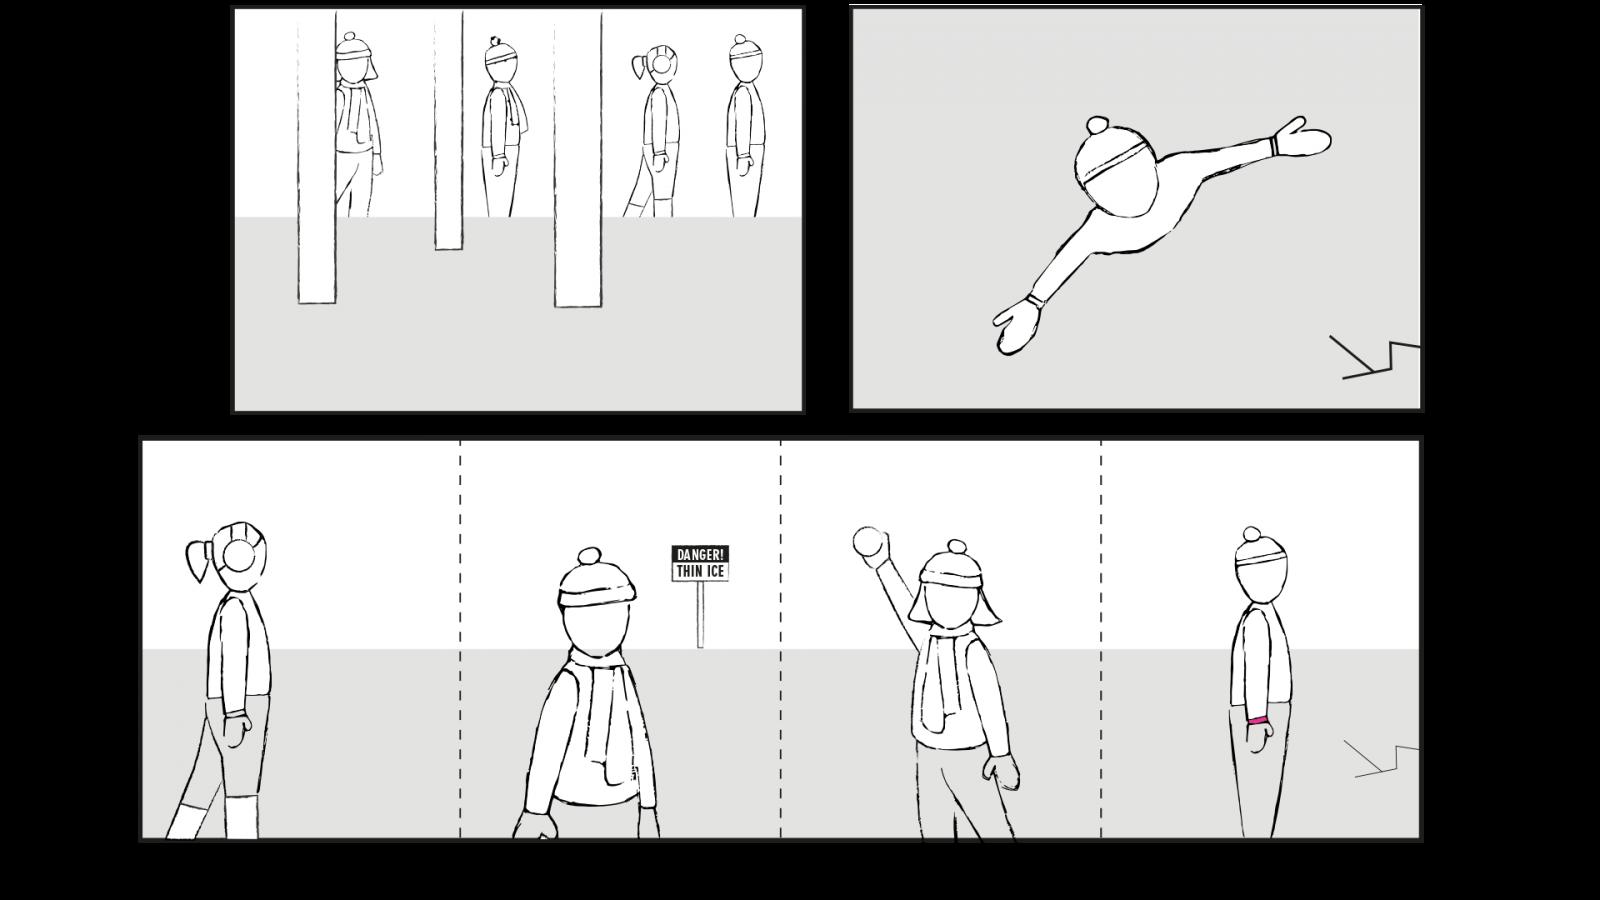 Royal Life Saving Society –Storyboard image sketch -  image for Royal Life Saving Society project